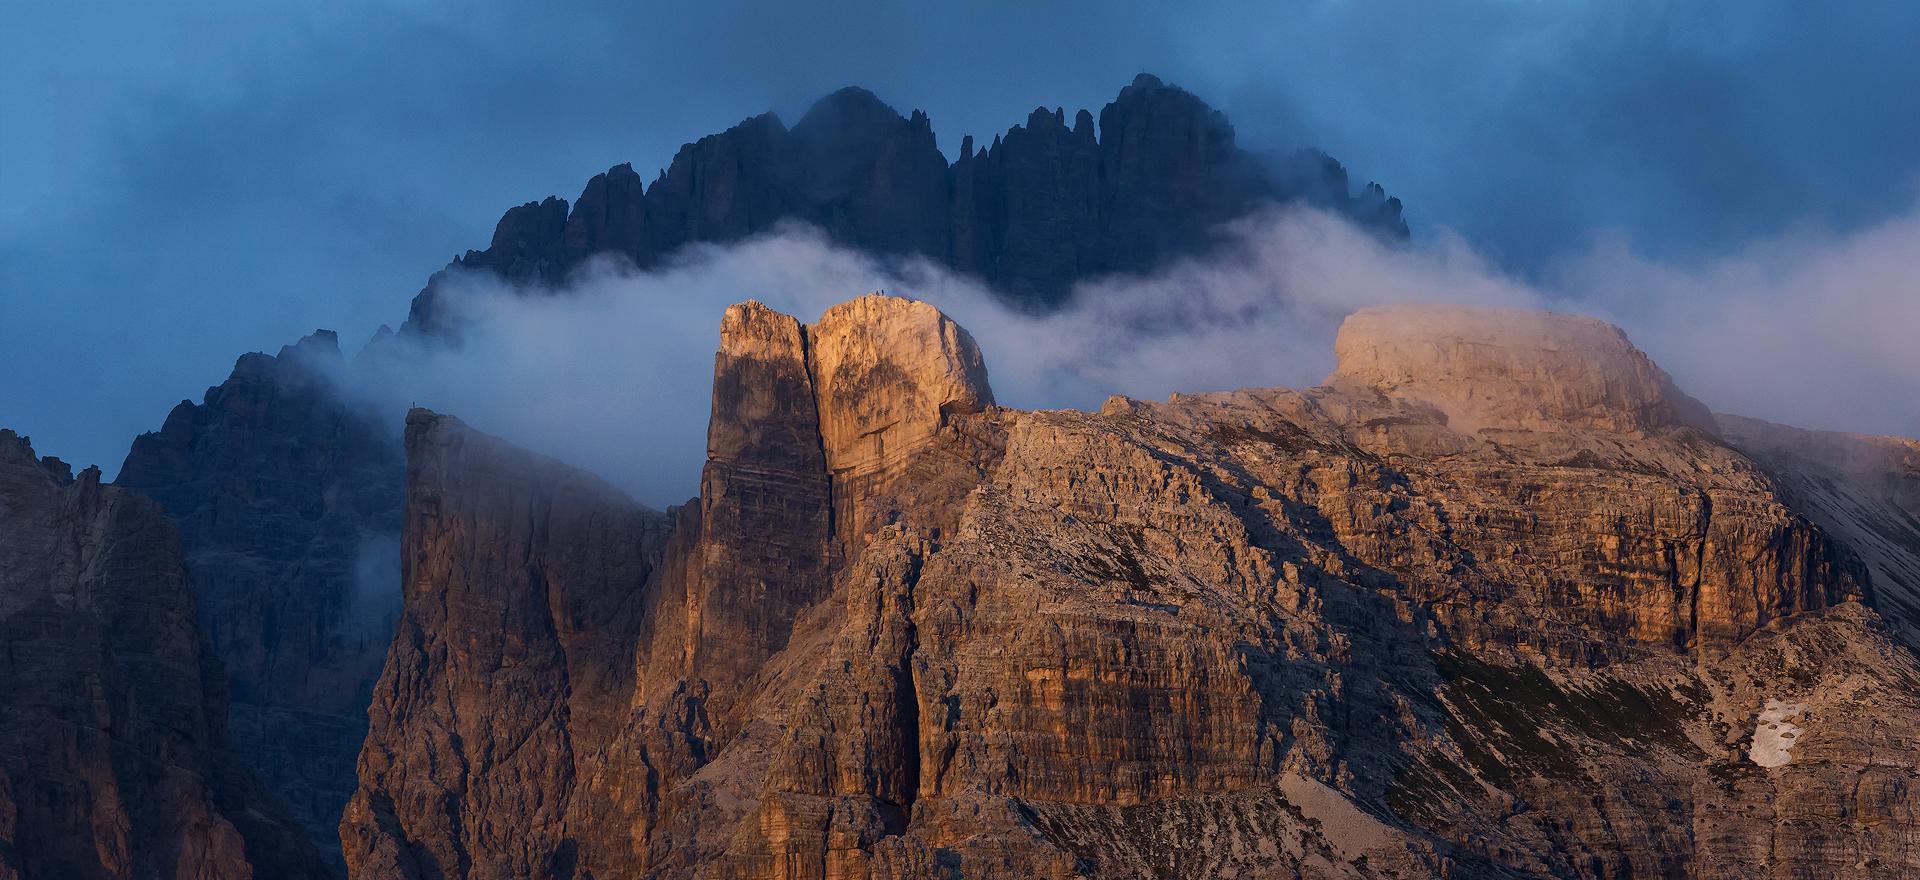 2 wandelaars op de top van de verlichte berg…Dolomieten zijn ook super met de telelens!